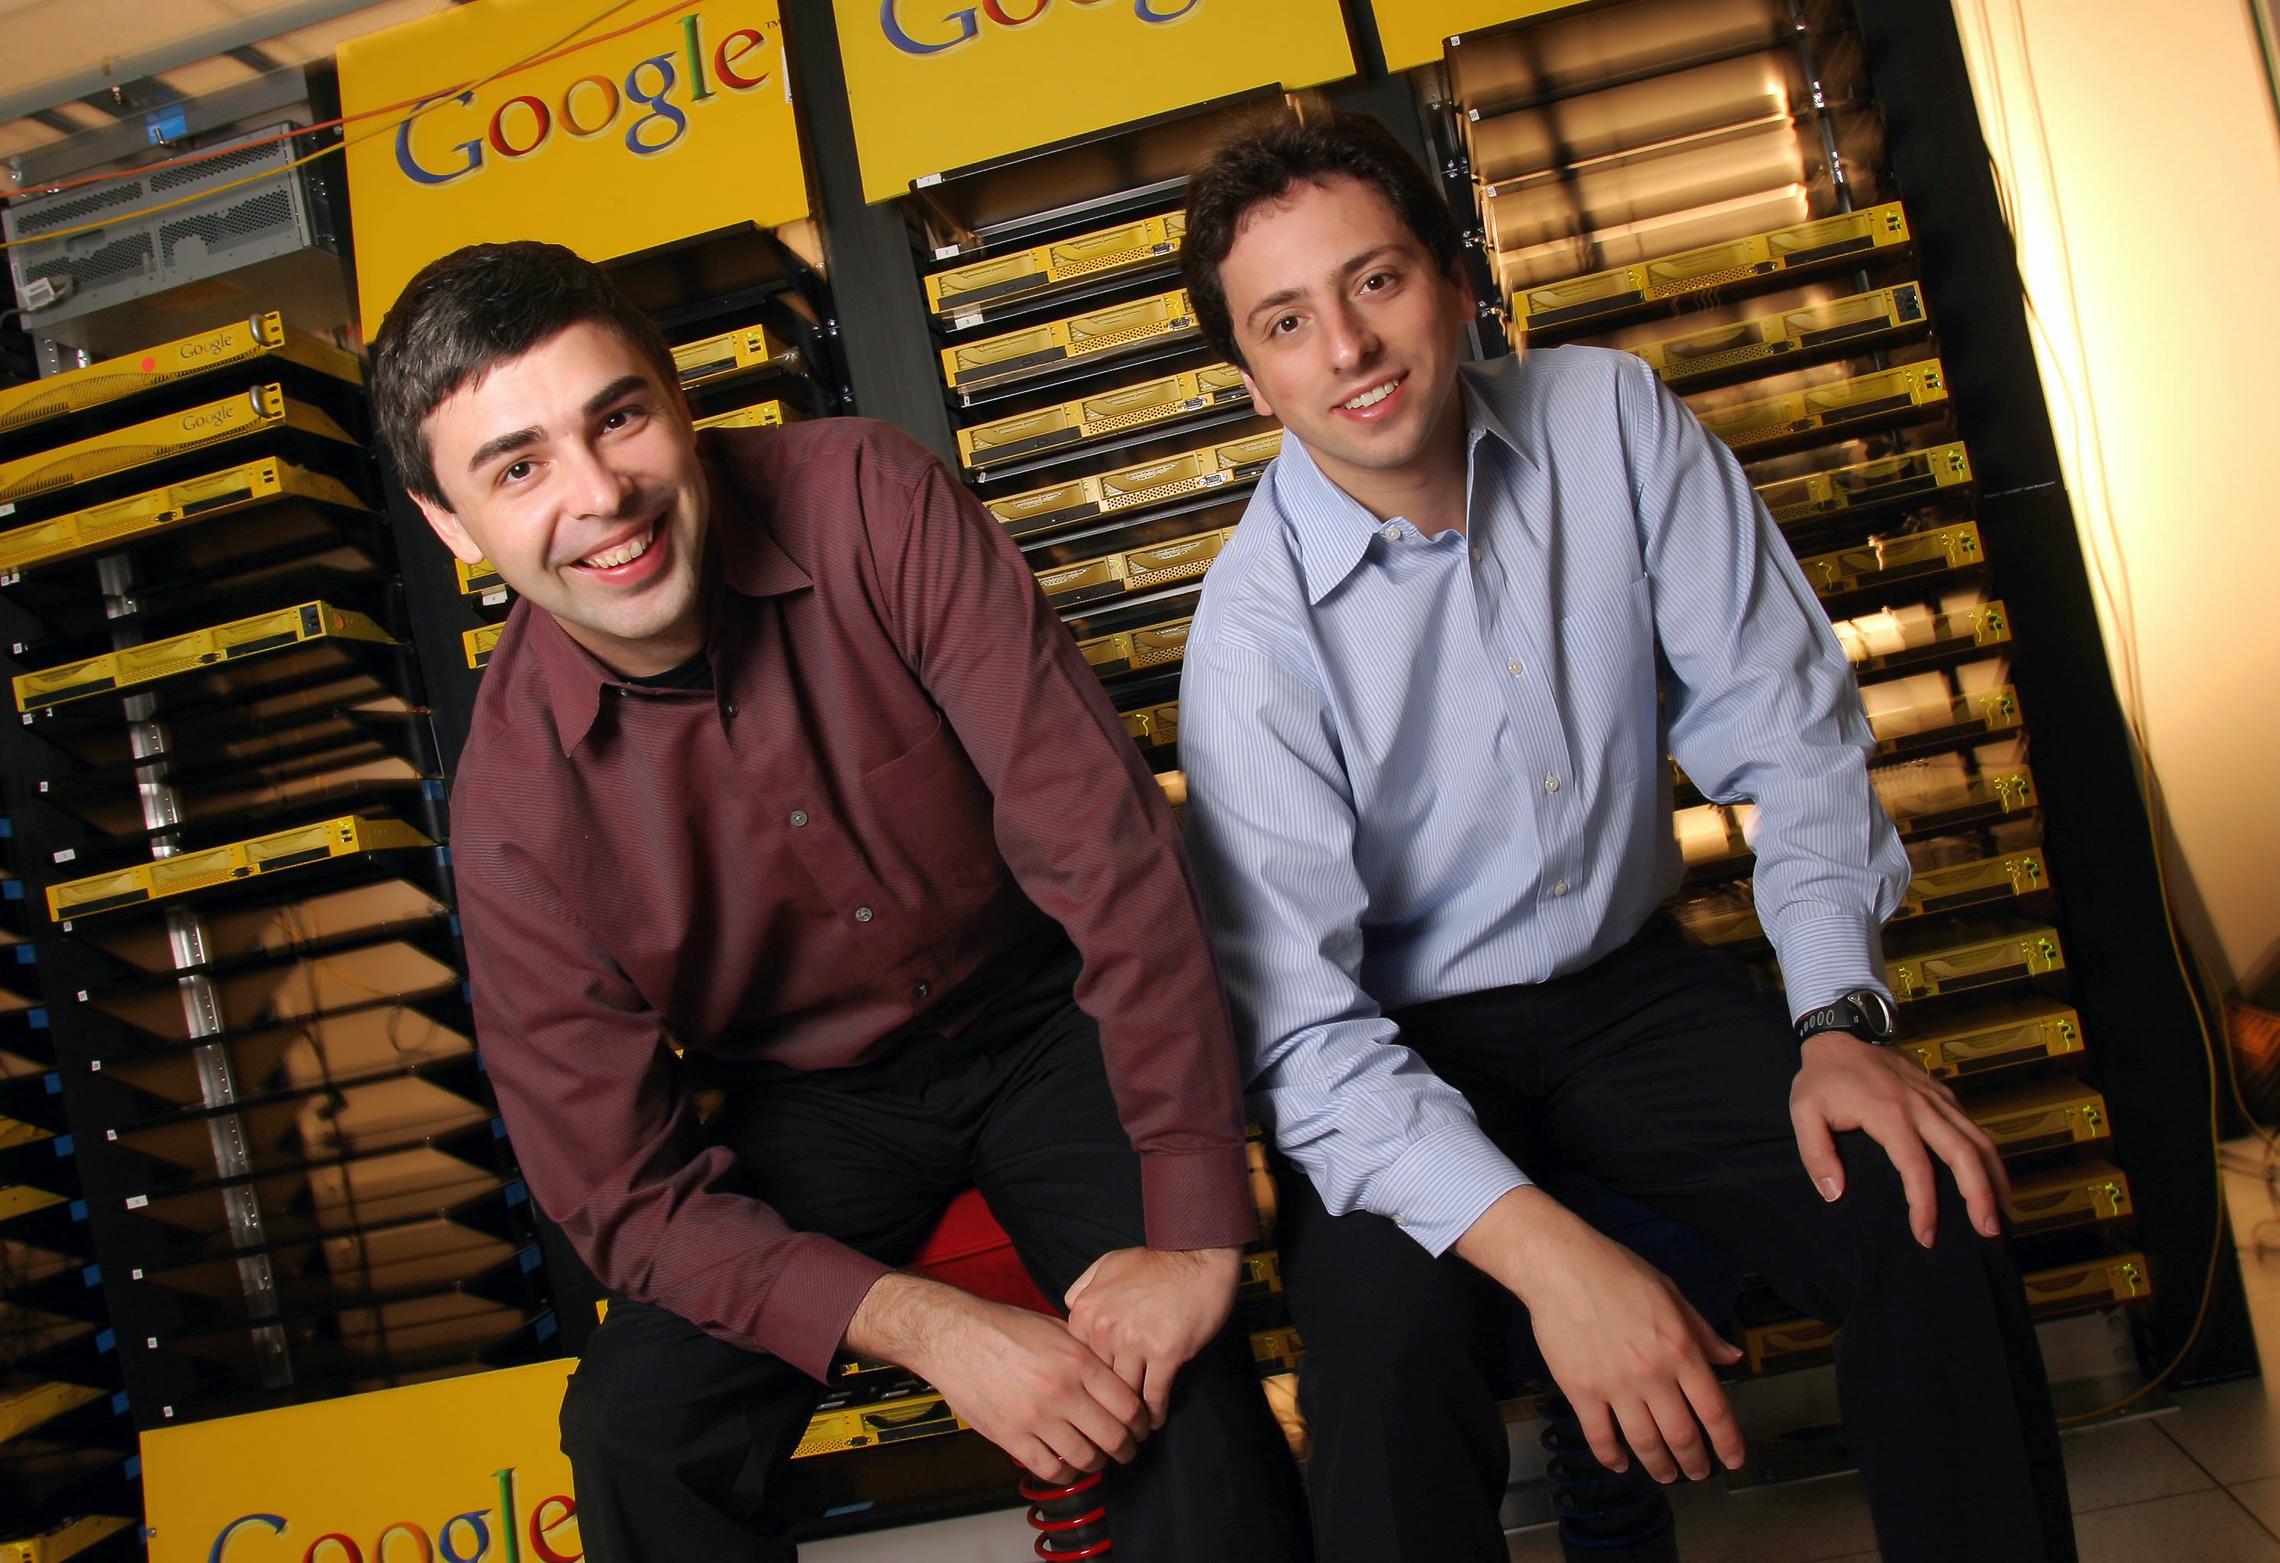 Google cumplió 19 años hoy o ¿son realmente 20 años? - Qore